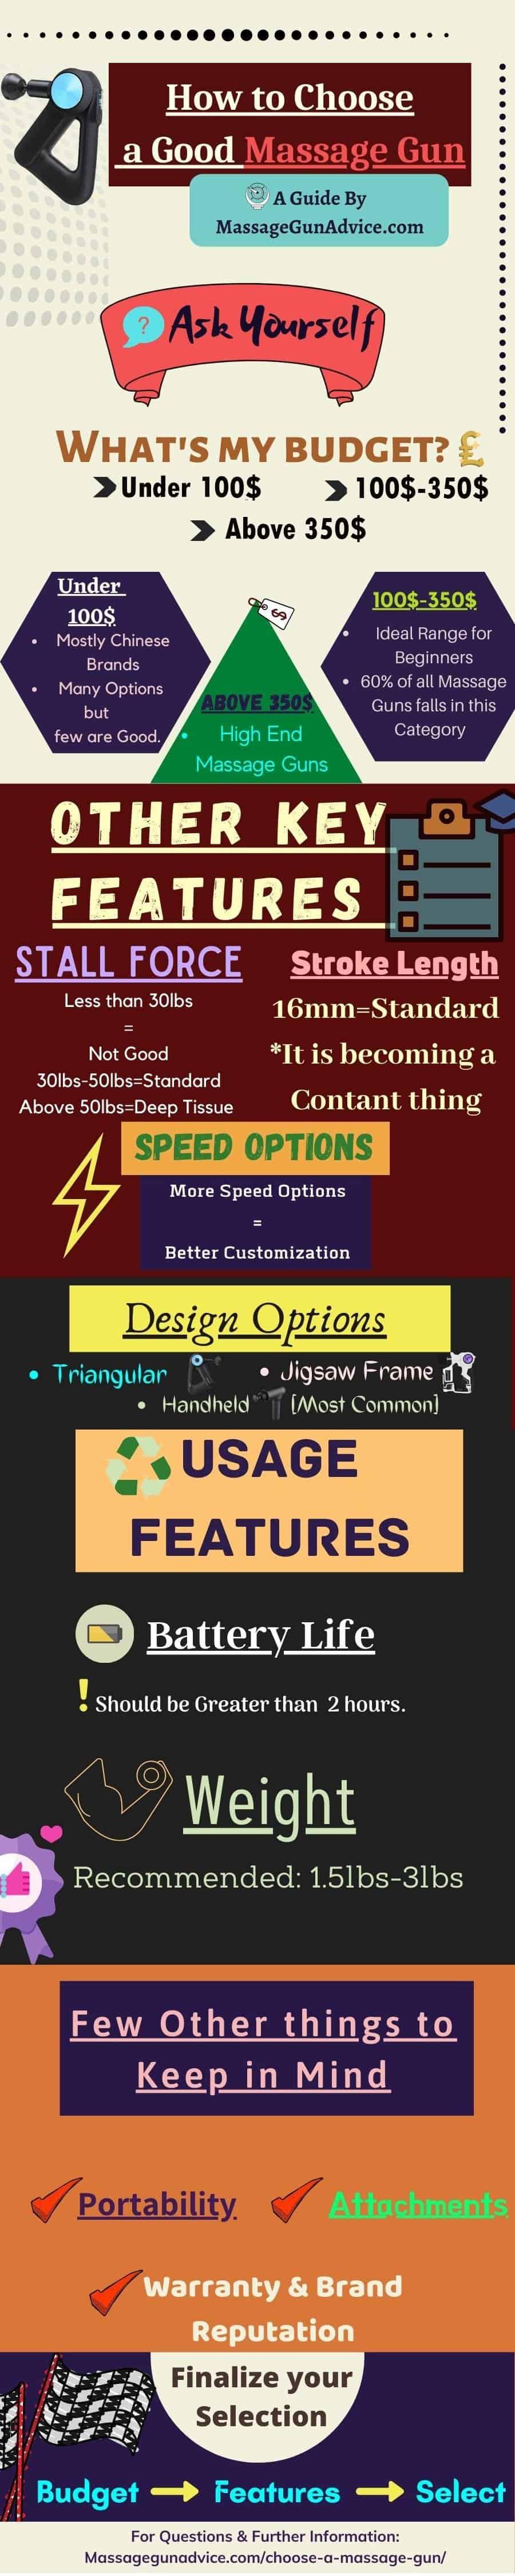 Infographic on Choosing a Massage Gun